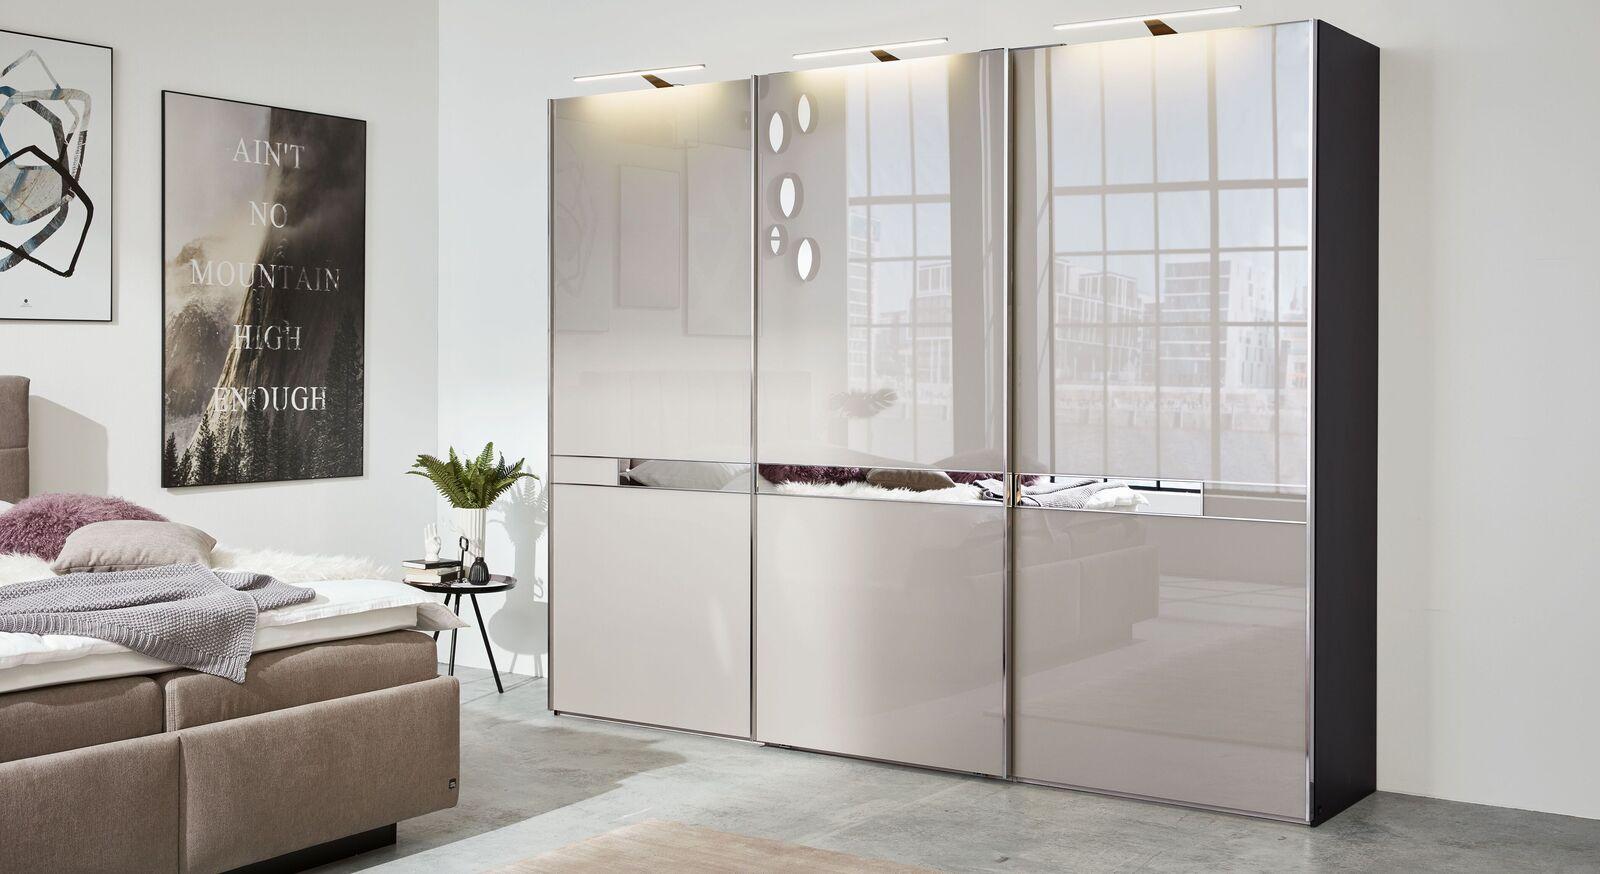 INTERLIVING Schwebetüren-Kleiderschrank 1206 mit moderner Glasfront